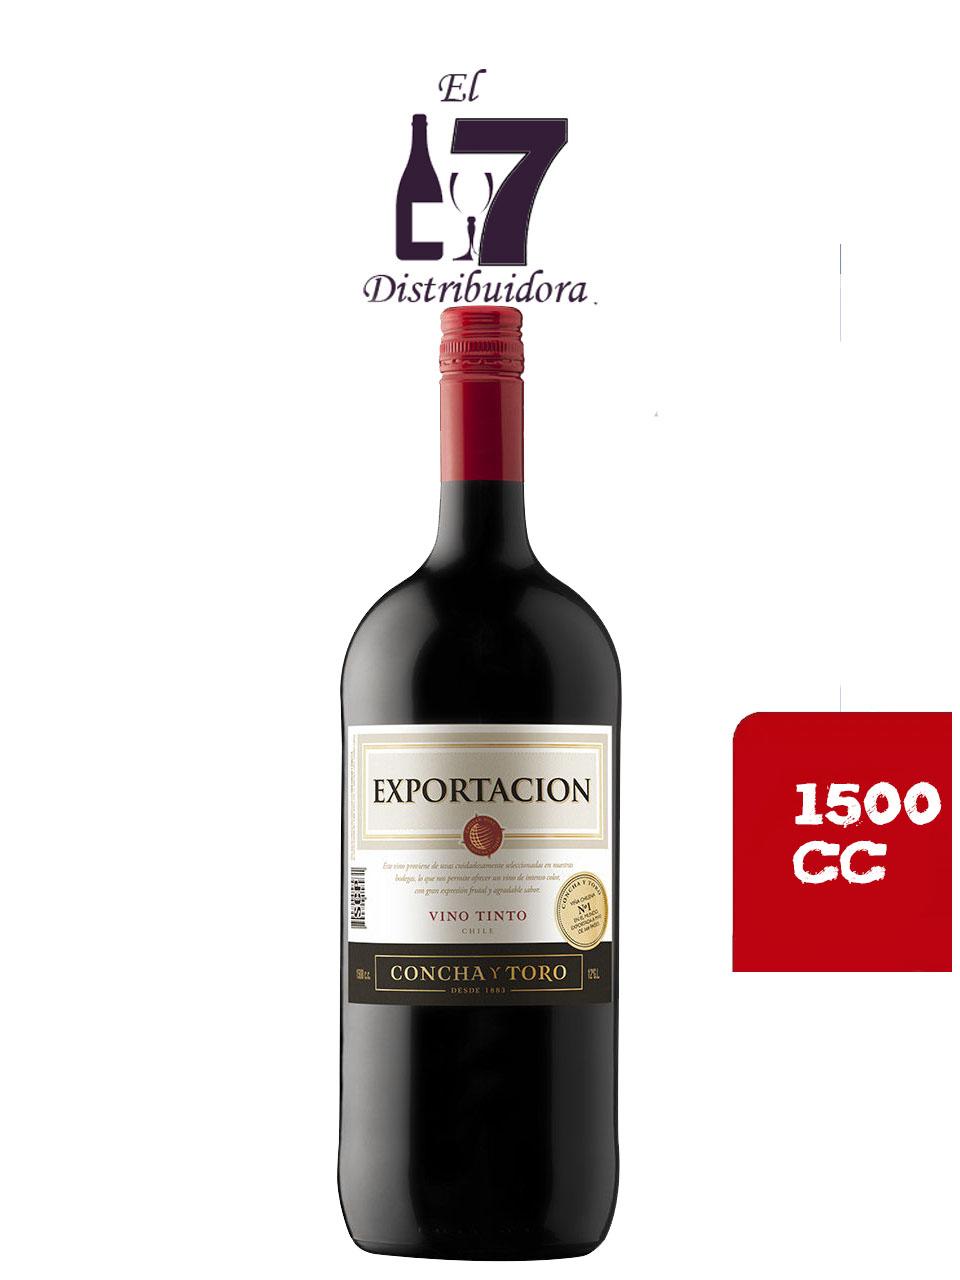 Exportacion Concha Y Toro Vino Tinto 1500 CC x 6 unidades